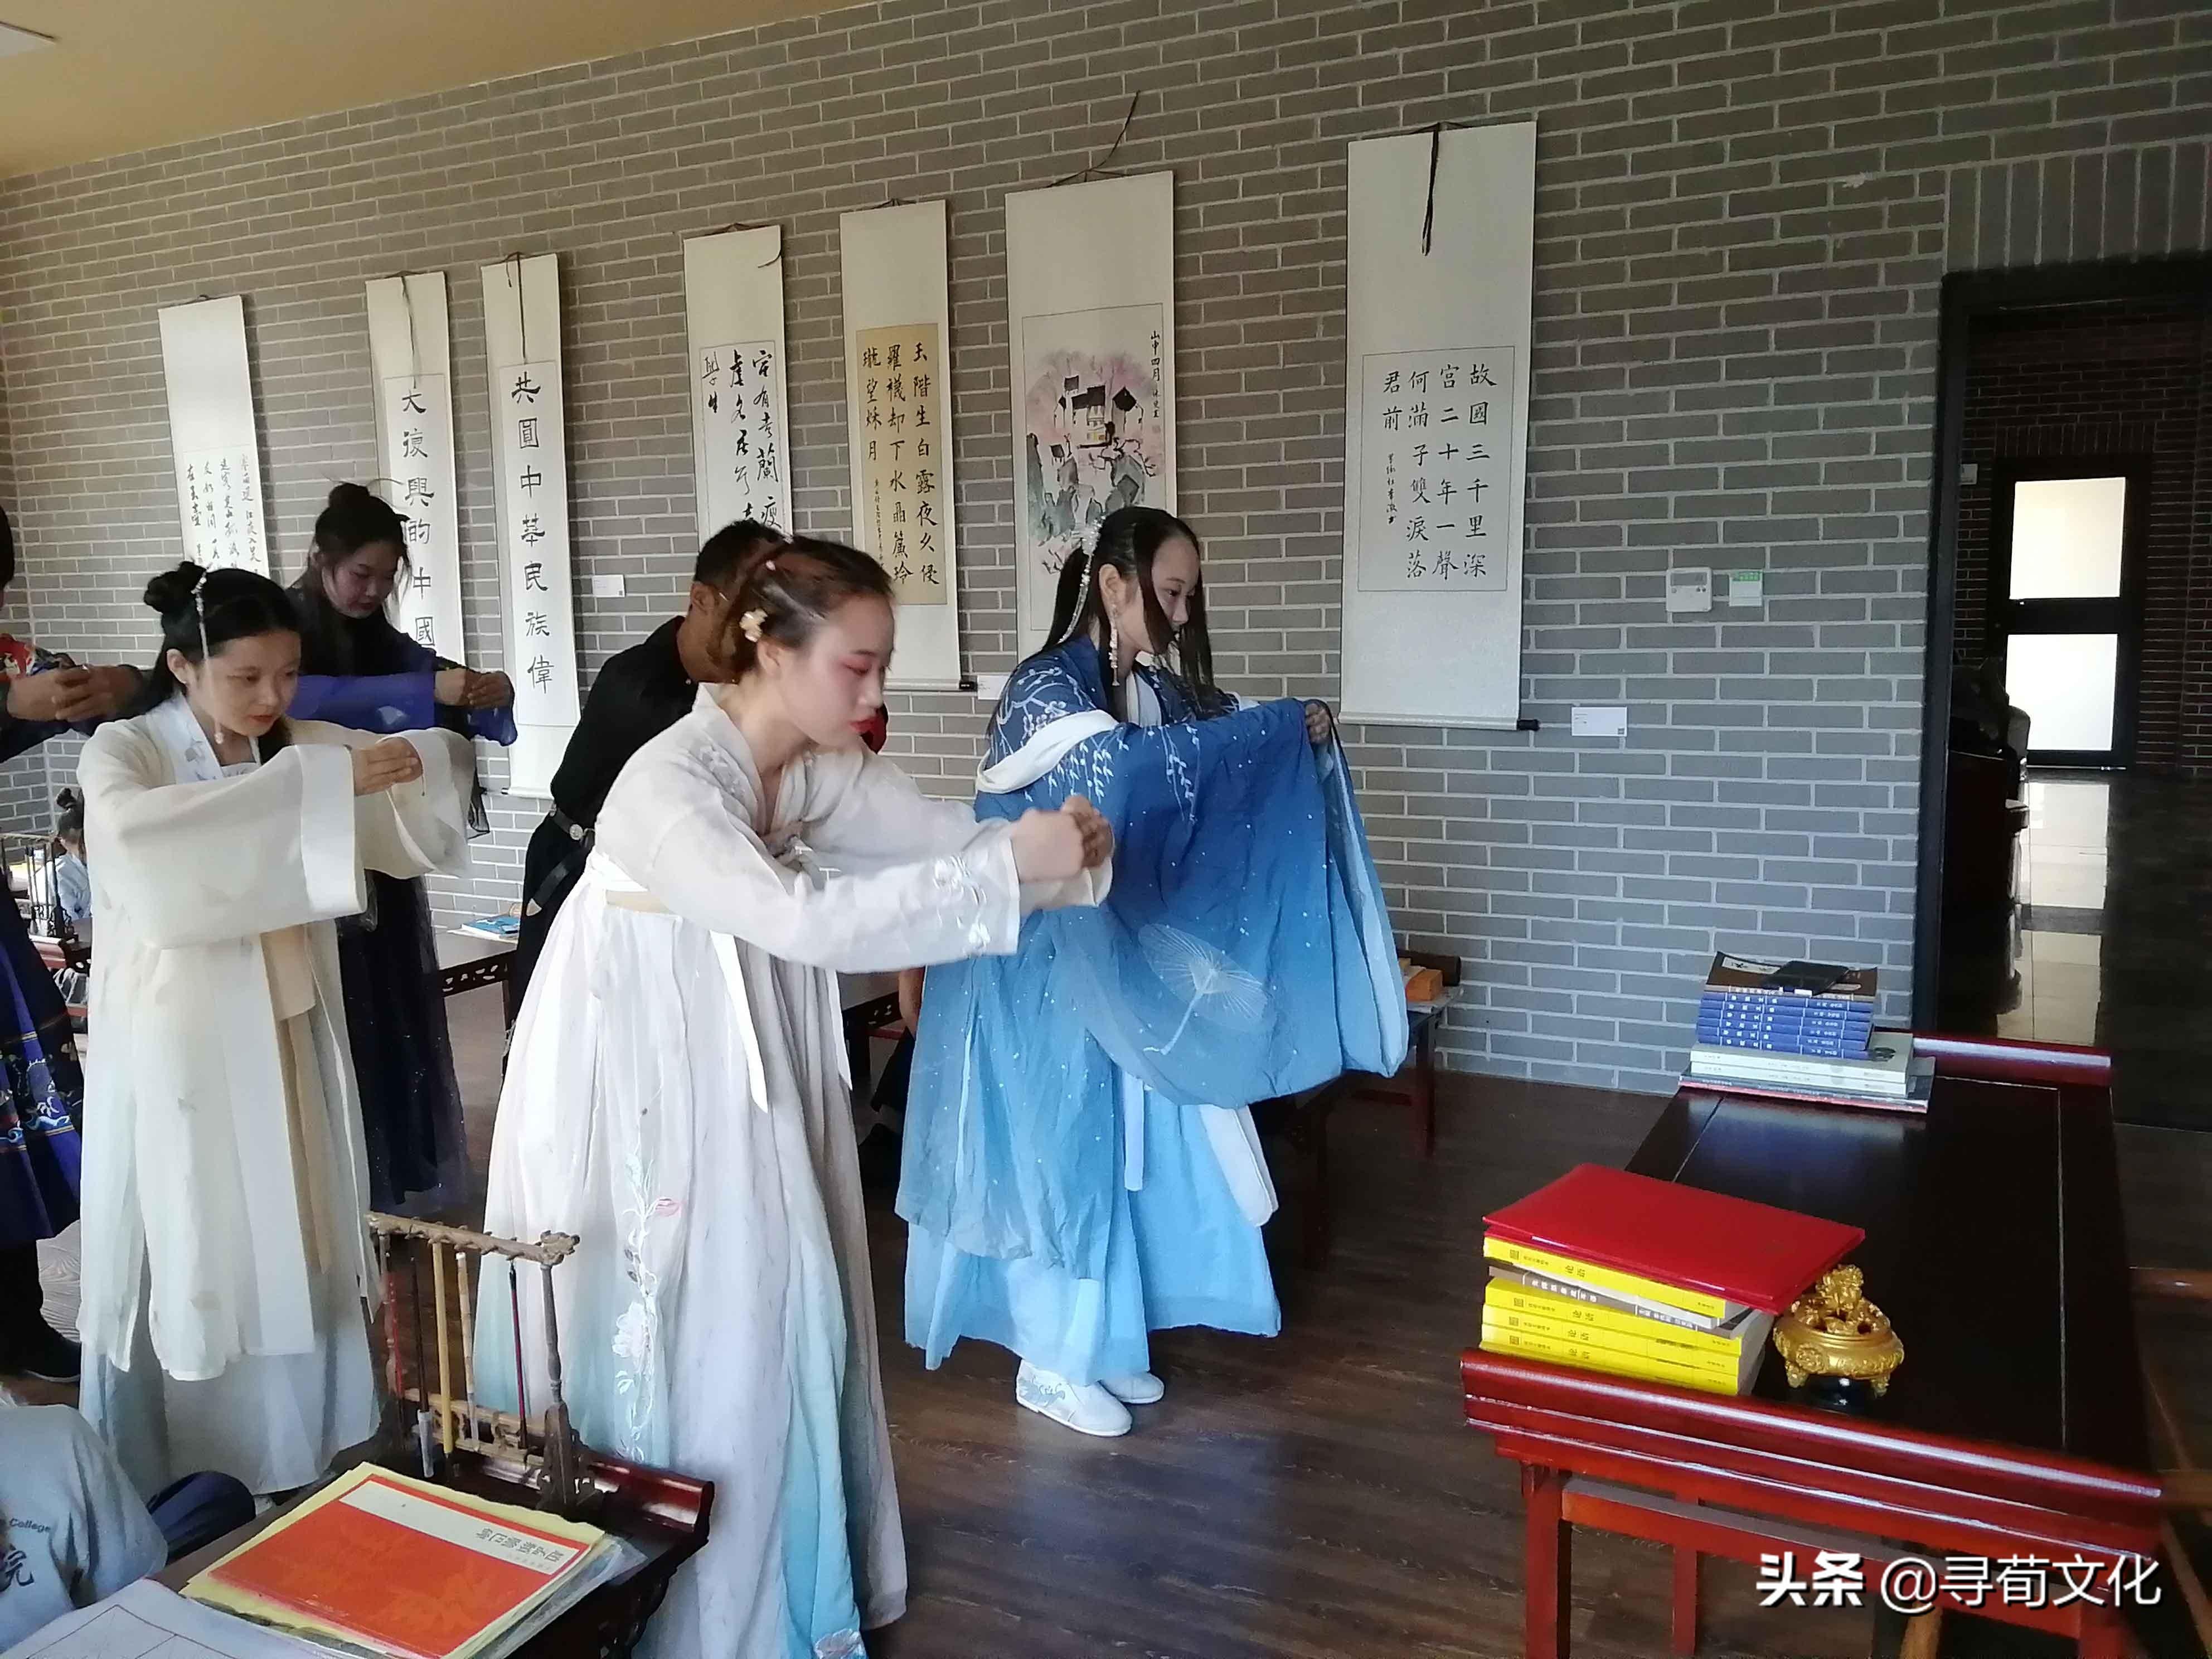 青岛理工大学琴岛学院孔子学堂纪念孔子诞辰2571周年